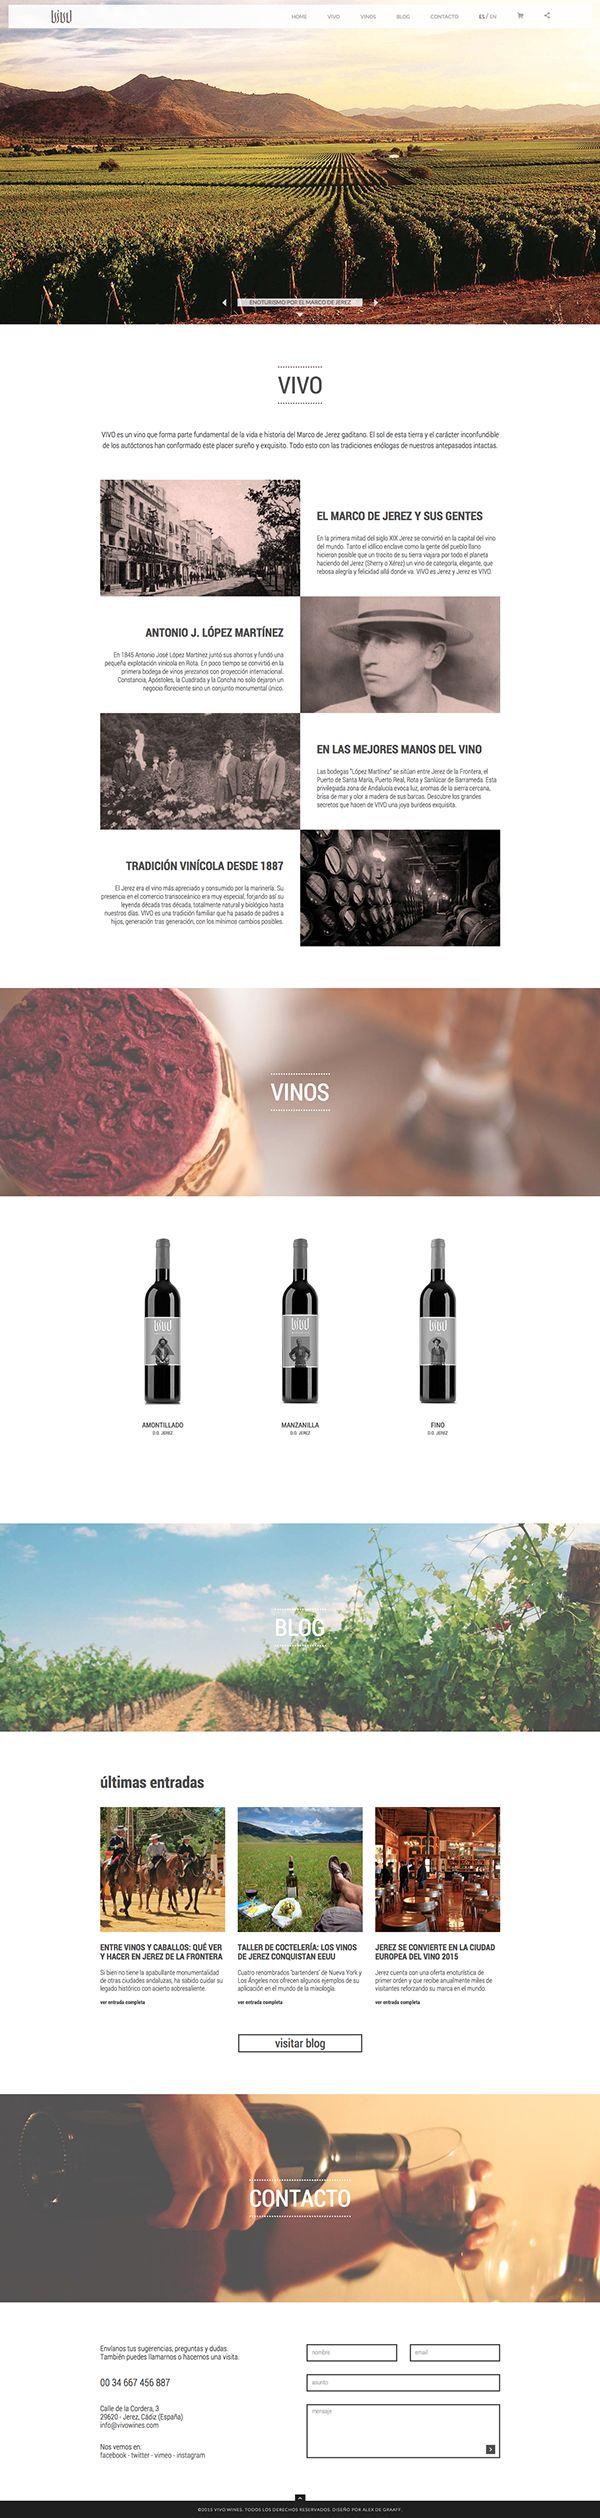 VIVO wines on Behance